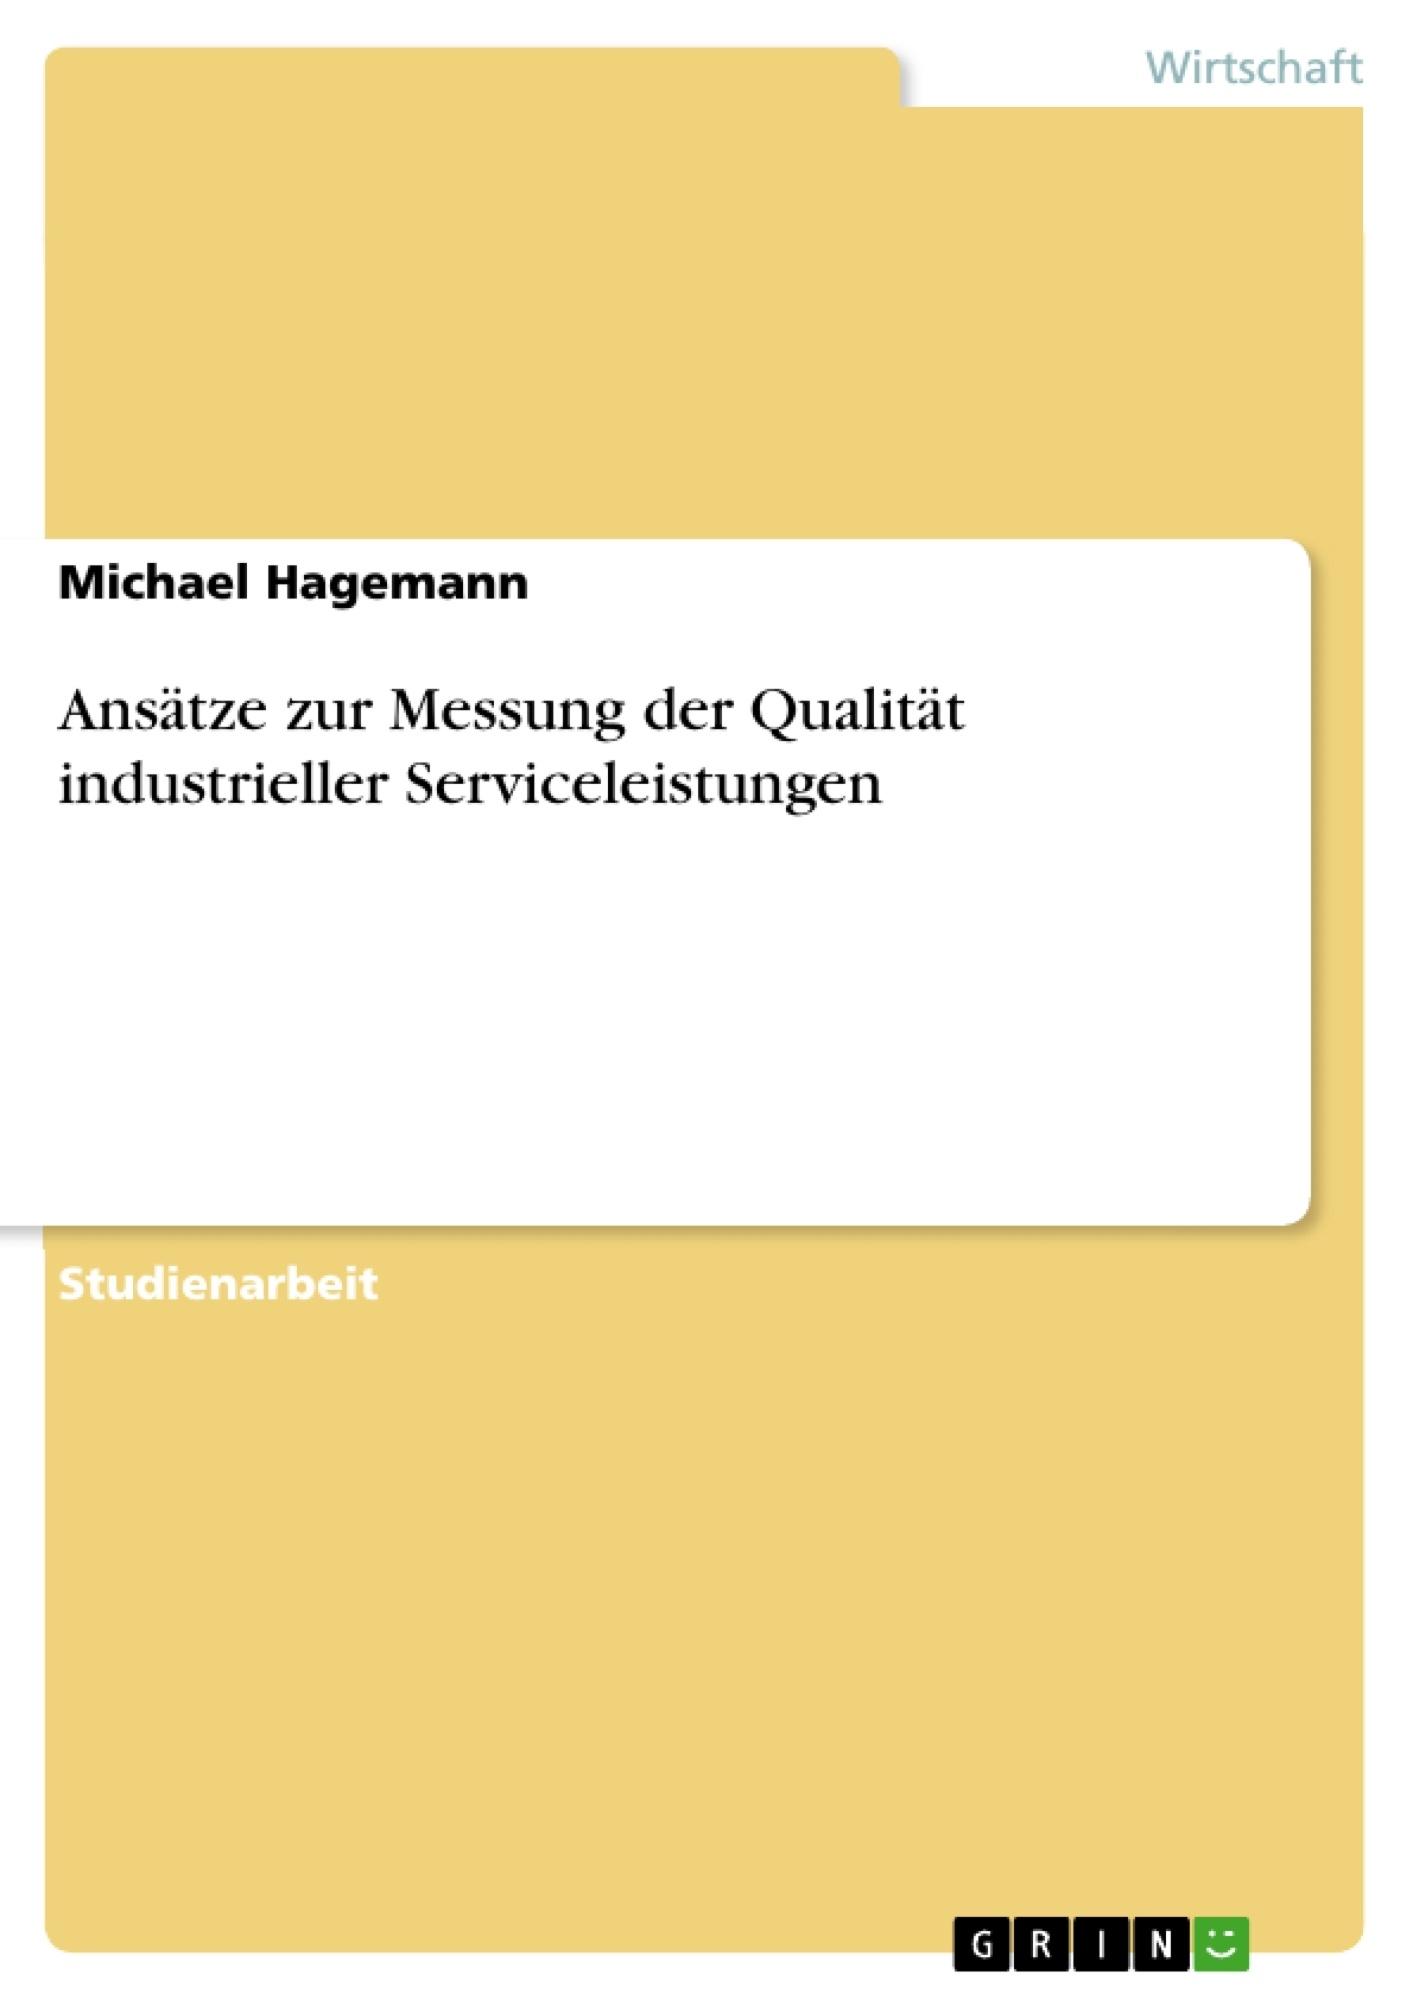 Titel: Ansätze zur Messung der Qualität industrieller Serviceleistungen